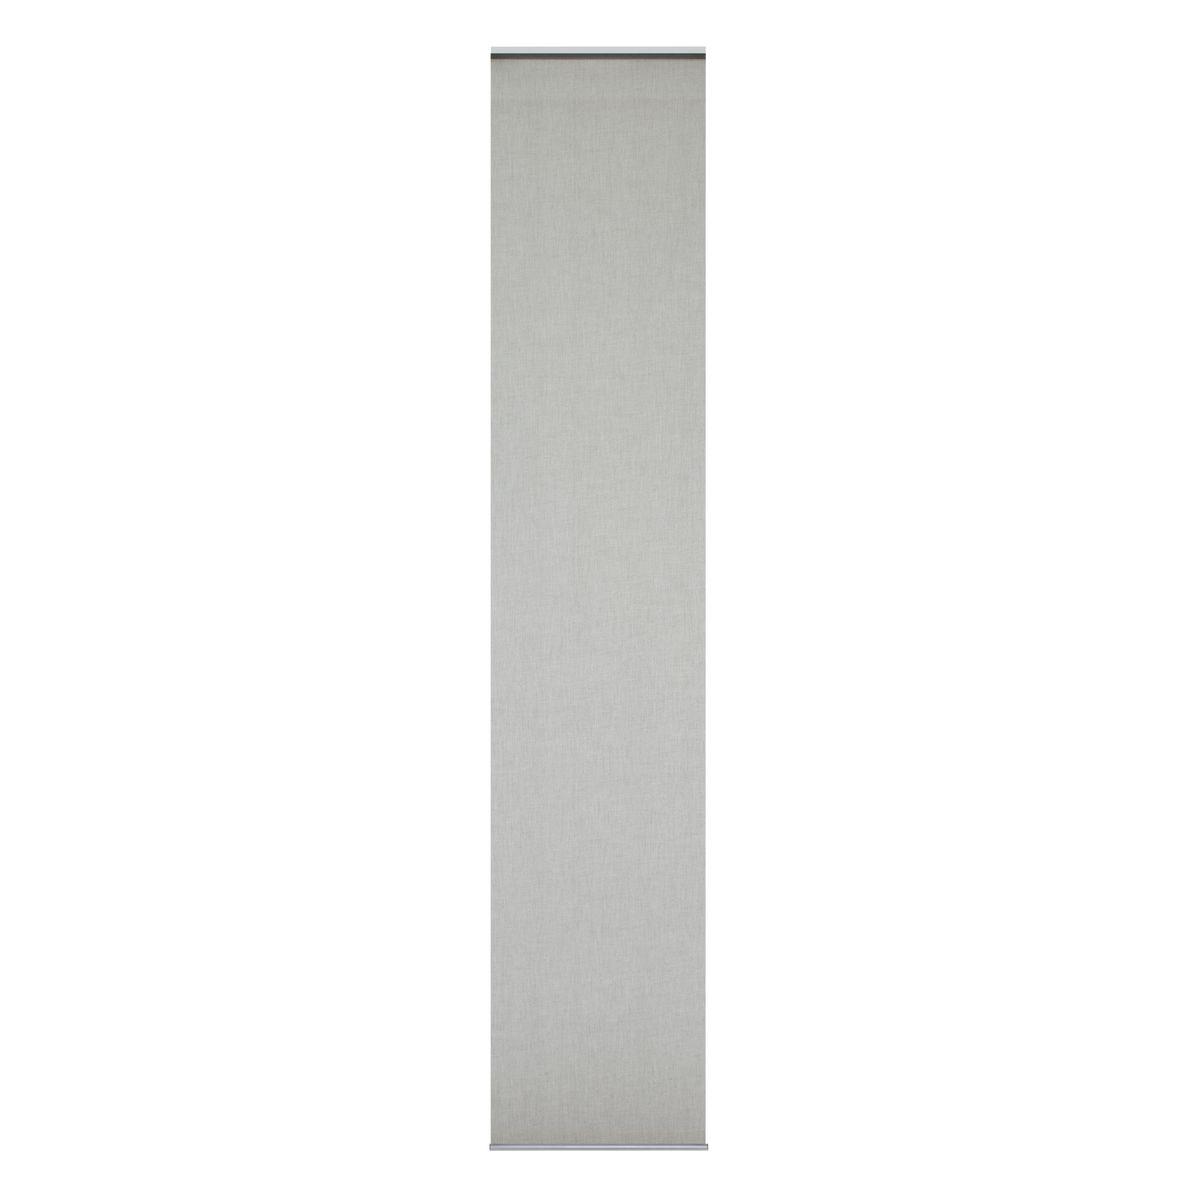 Tenda a pannello grigio 60 x 300 cm prezzi e offerte online for Tralicci leroy merlin